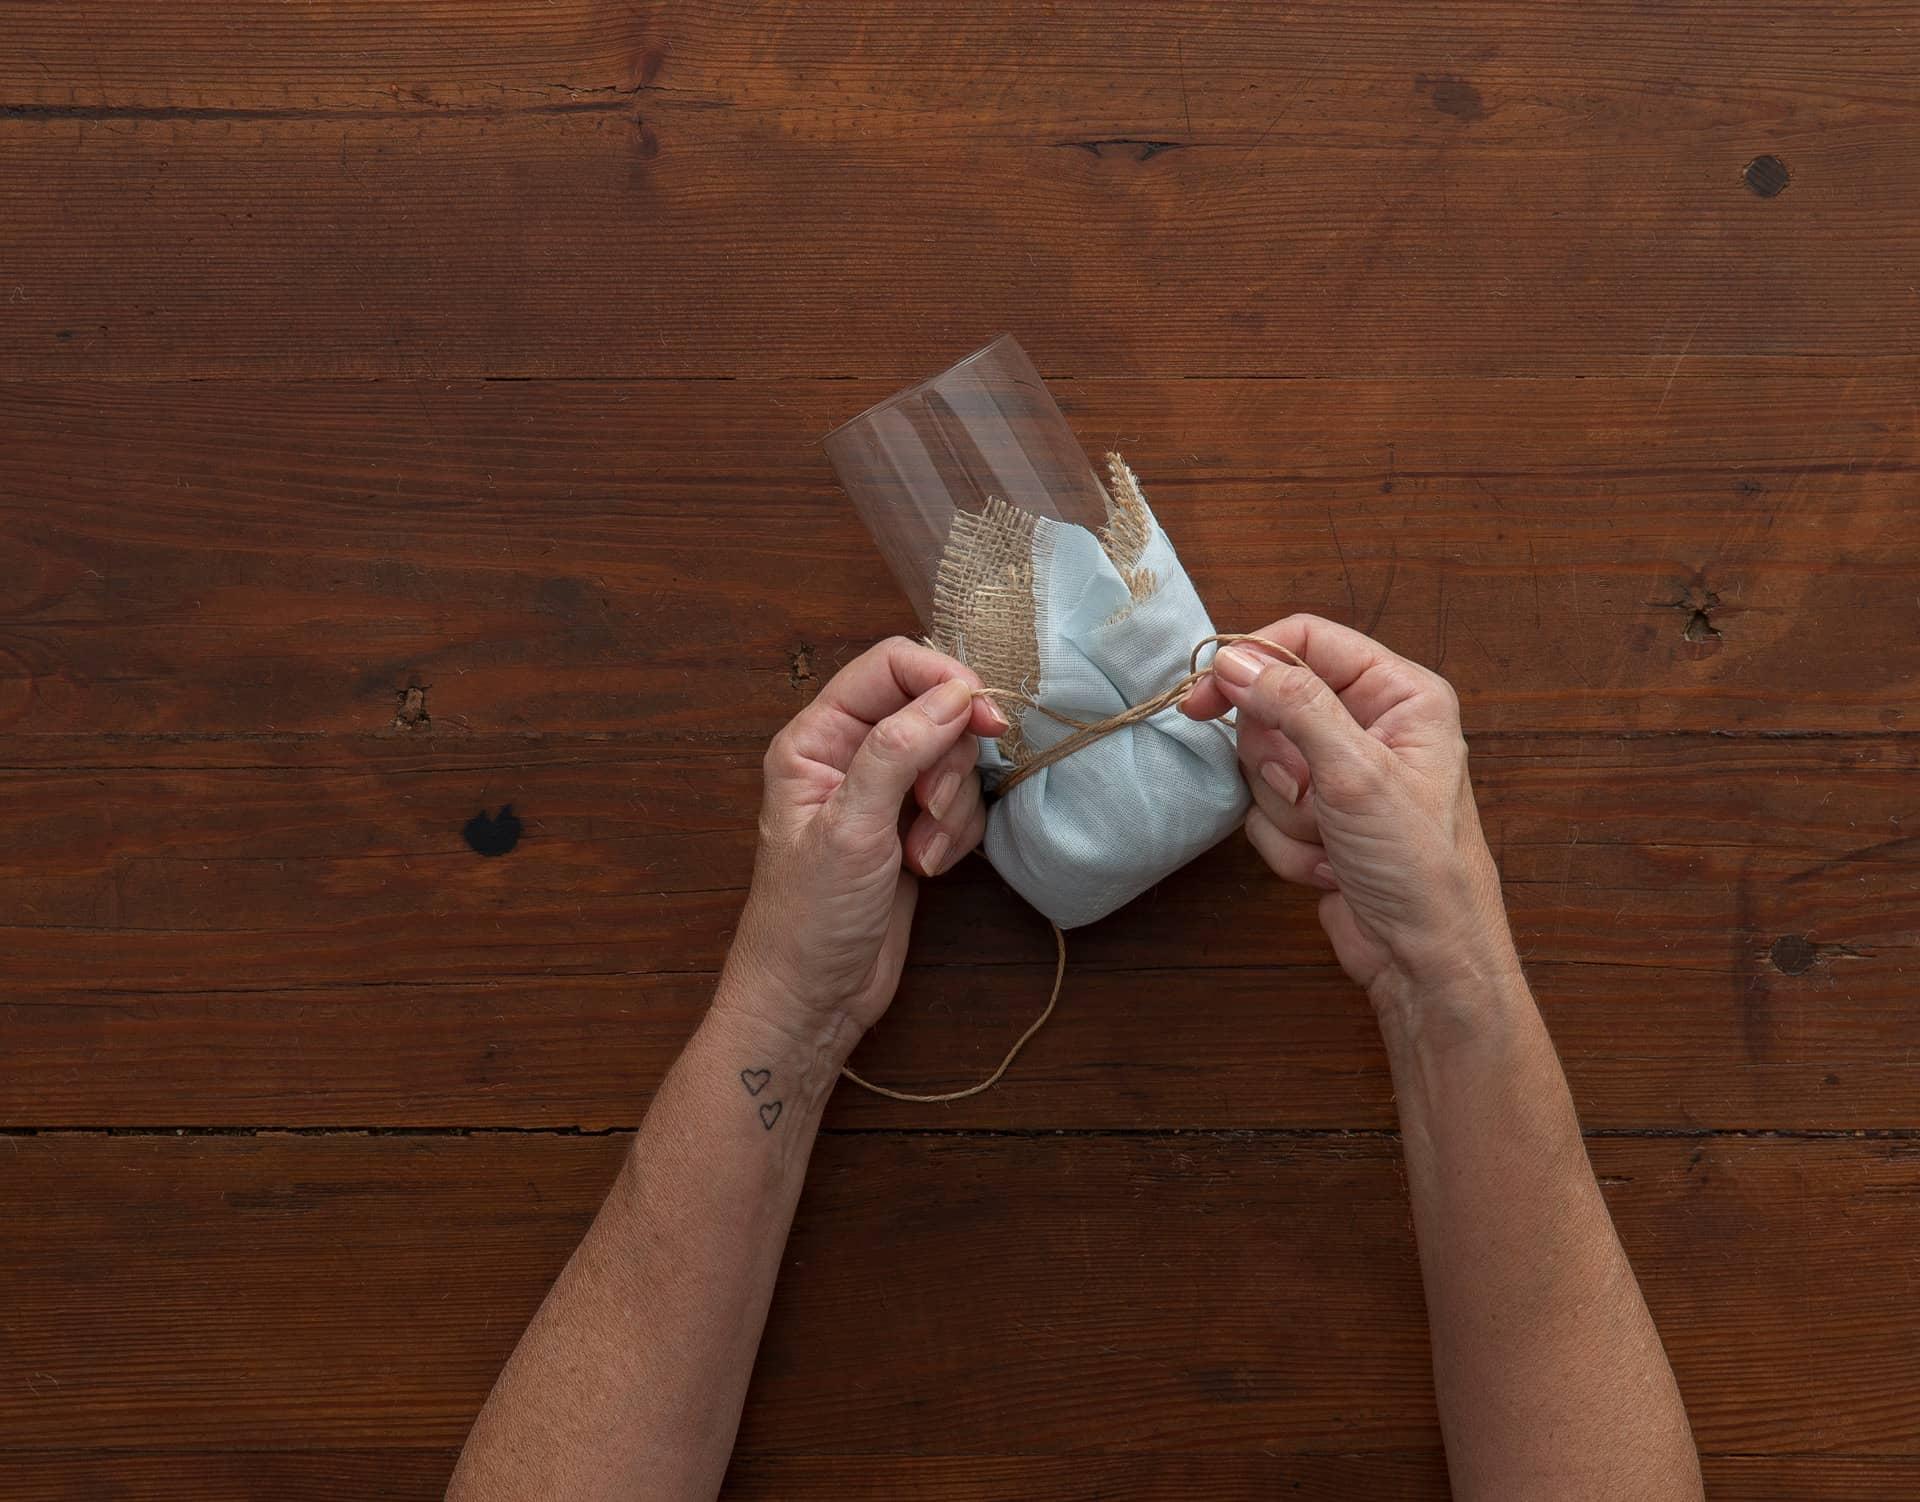 Imagem: Passo 6: dê um nó apertado, para ficar bem firme. Foto: Cacá Bratke.